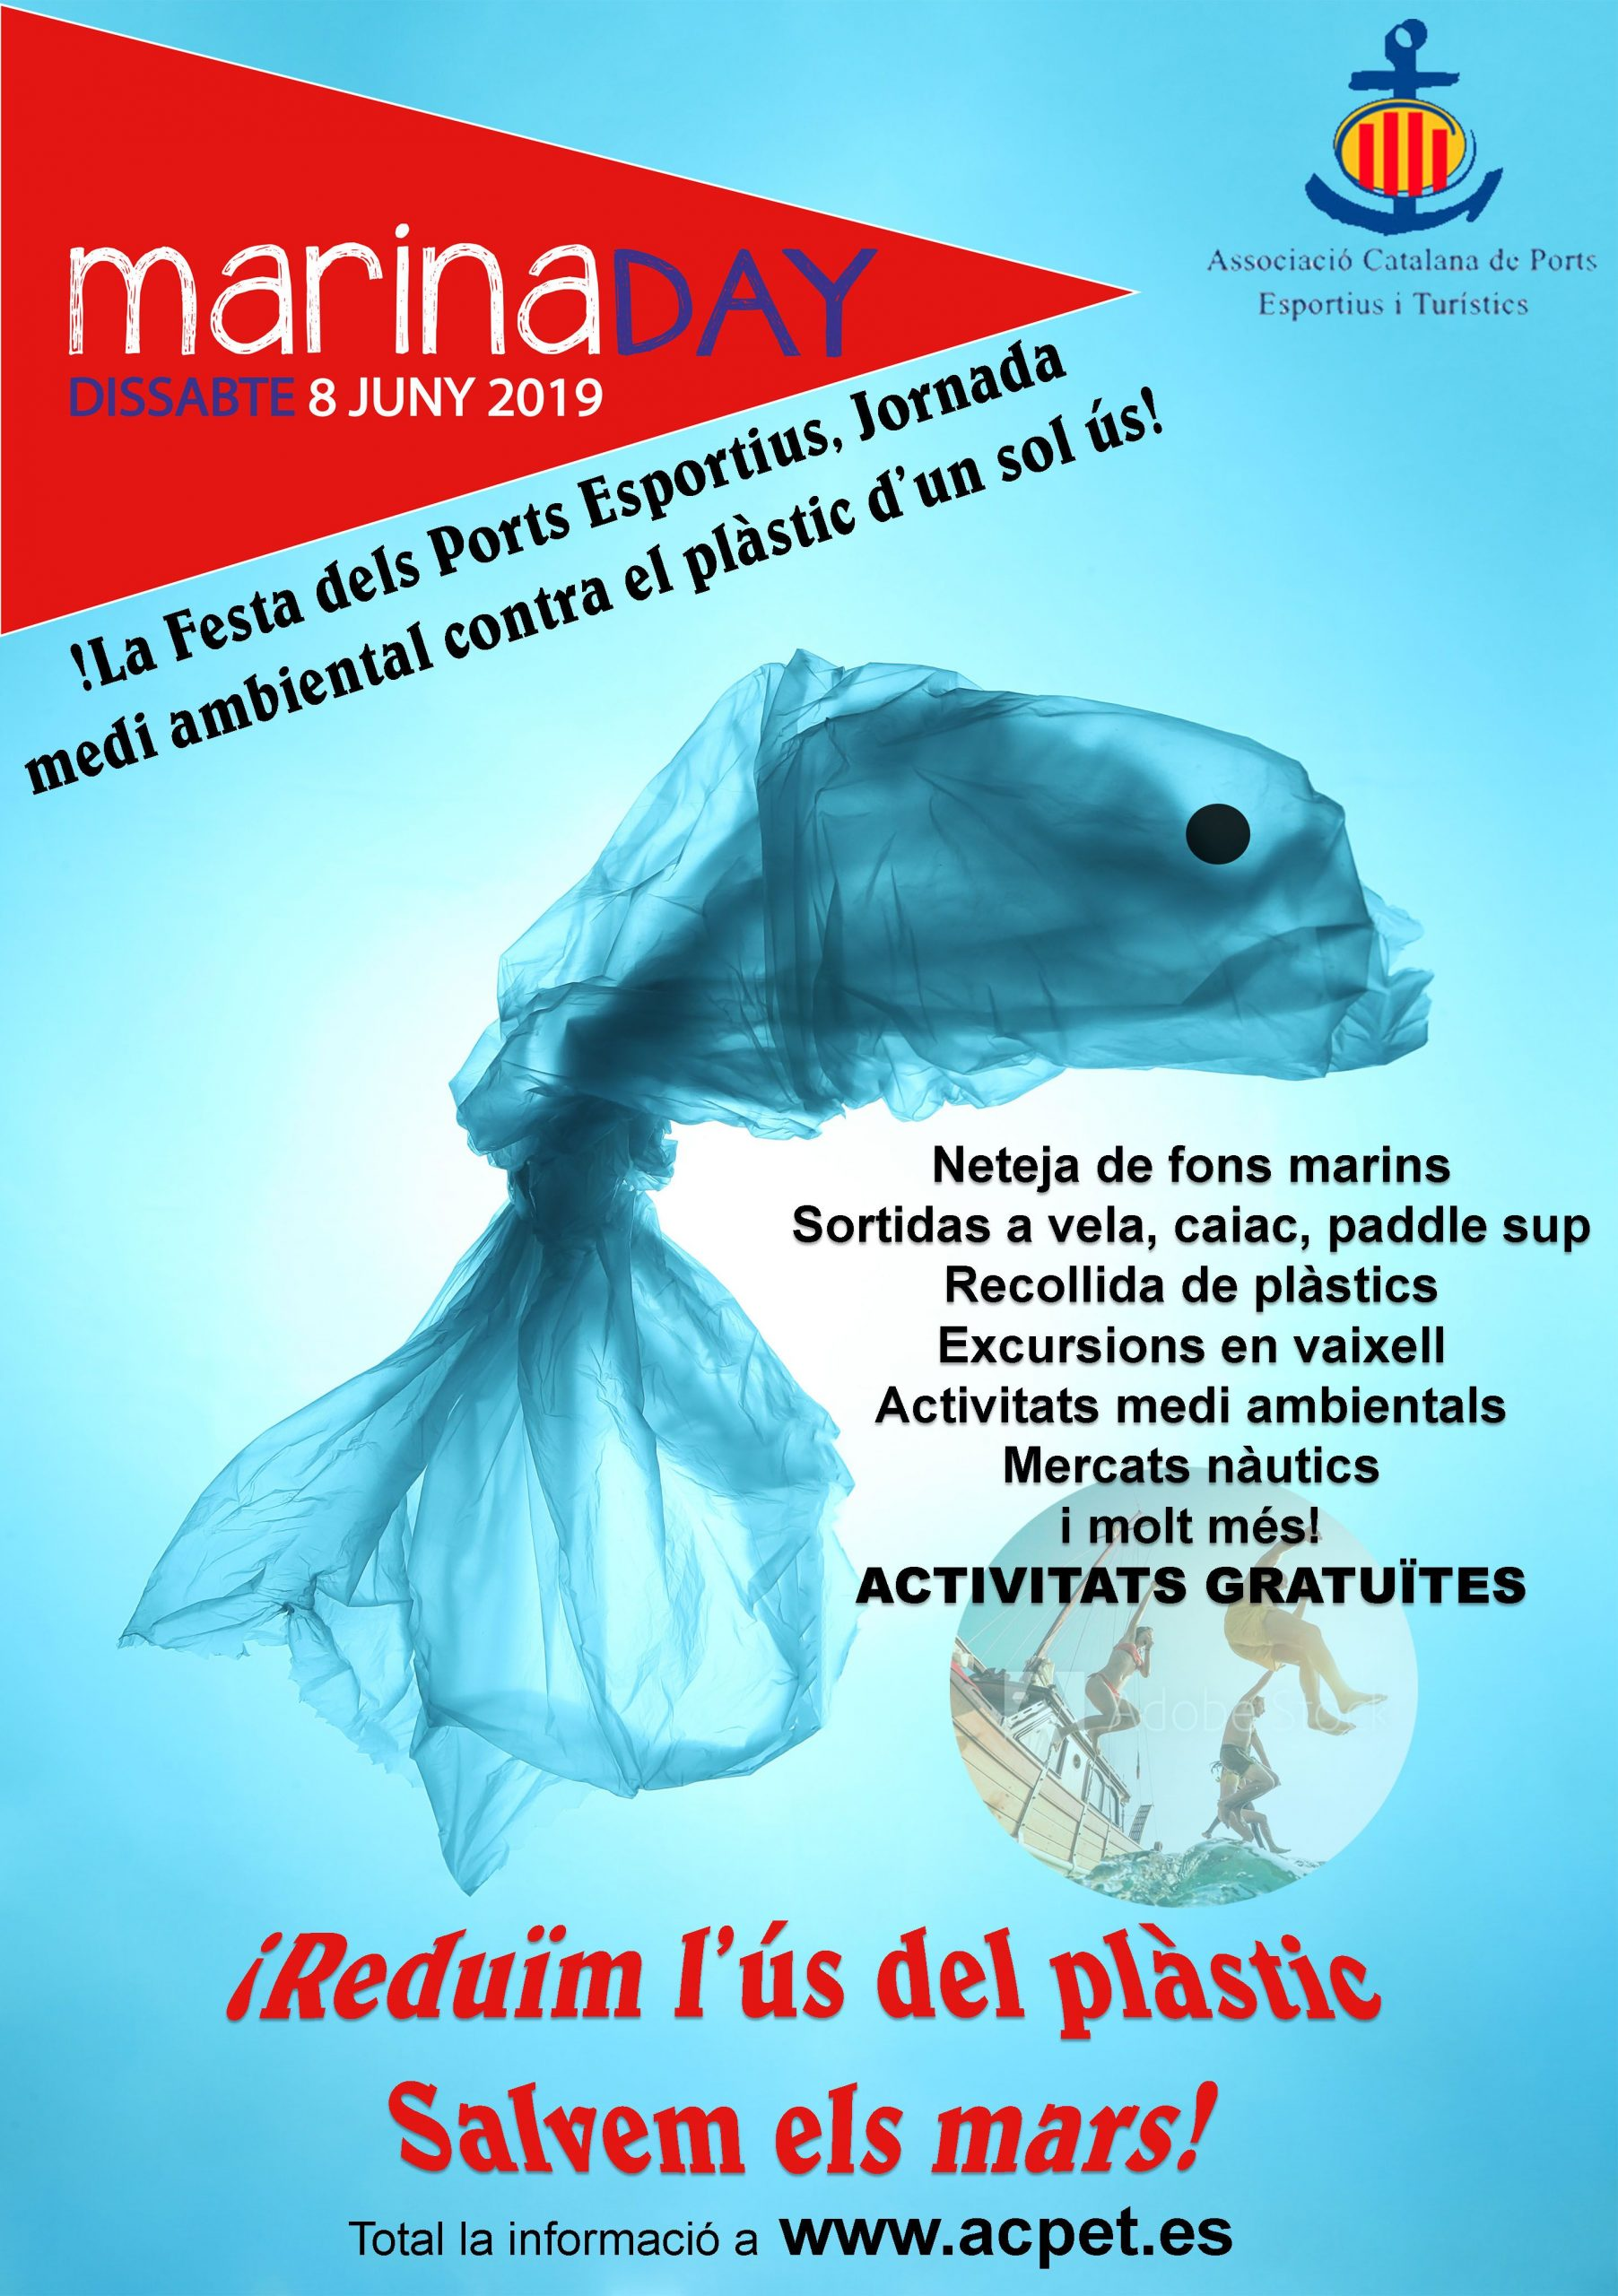 El Marina Day i els ports esportius contra el plàstic